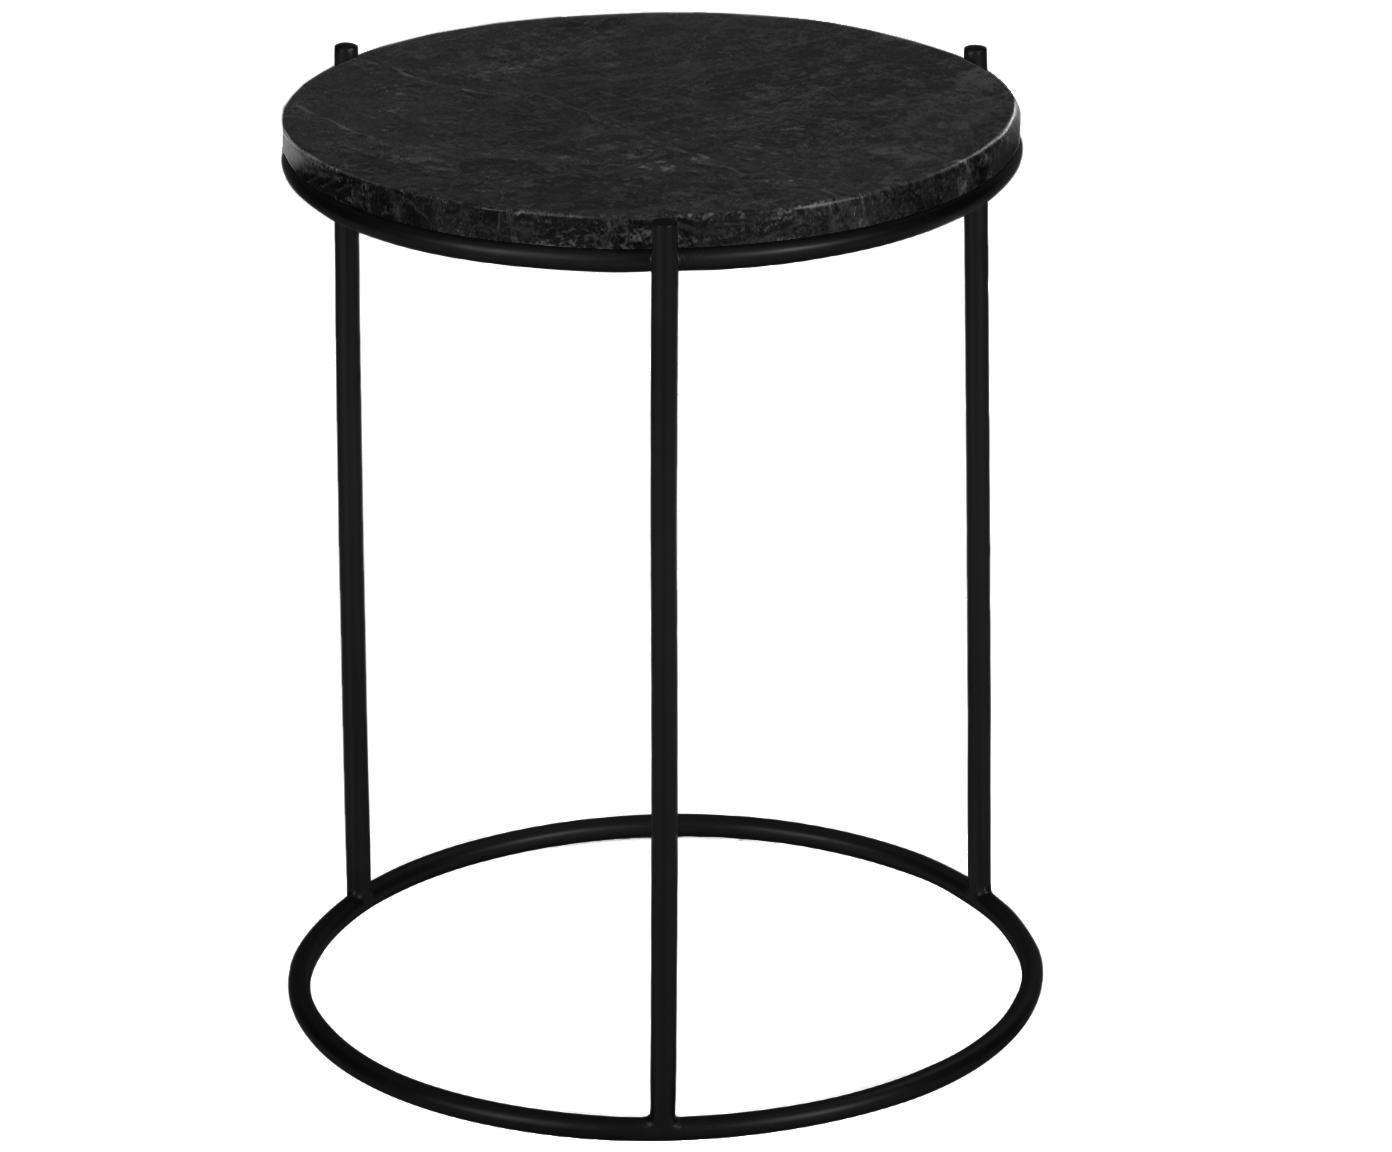 Okrągły stolik pomocniczy z marmuru Ella, Blat: marmur naturalny, Stelaż: metal malowany proszkowo, Blat: czarny marmur Stelaż: czarny, matowy, Ø 40 x W 50 cm